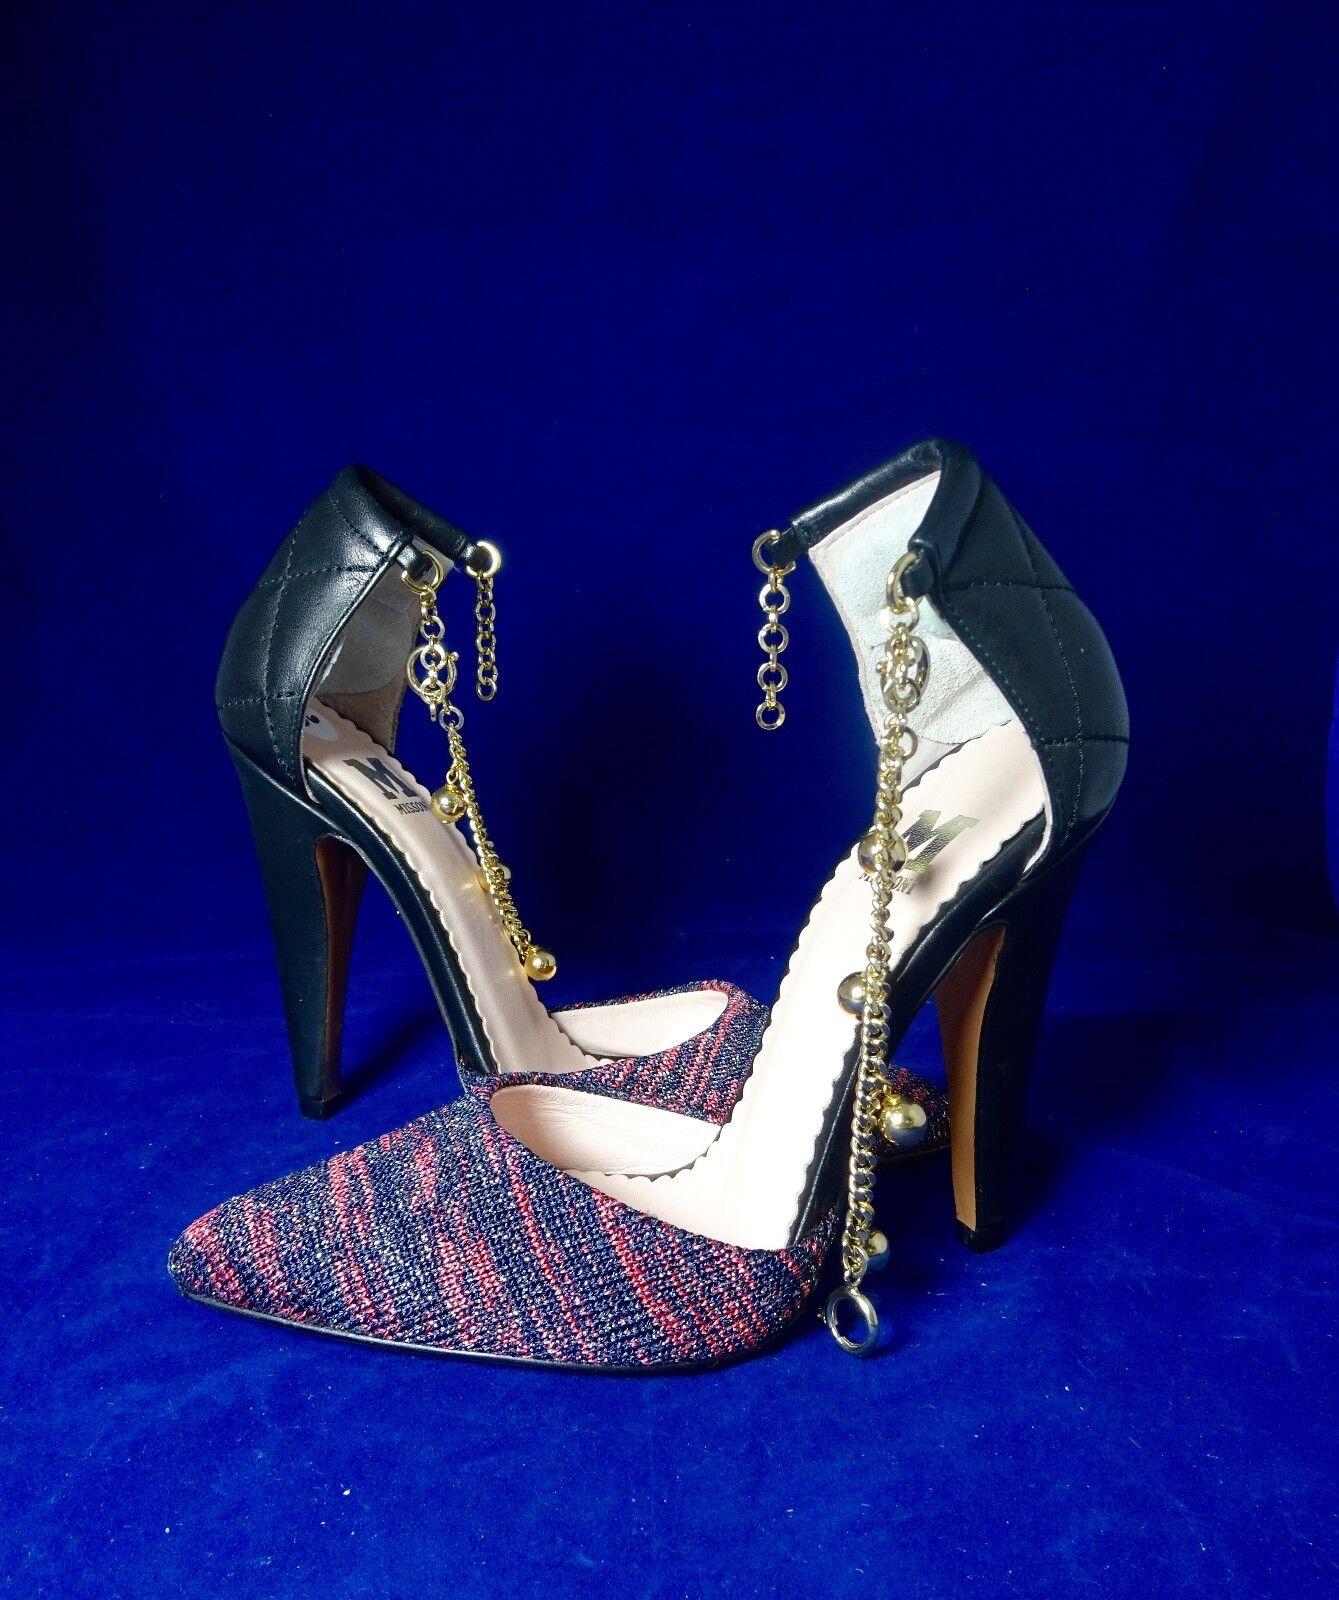 M Missoni tweed D'Orsay shoes/pumps 36 size 36 shoes/pumps 07f3c5